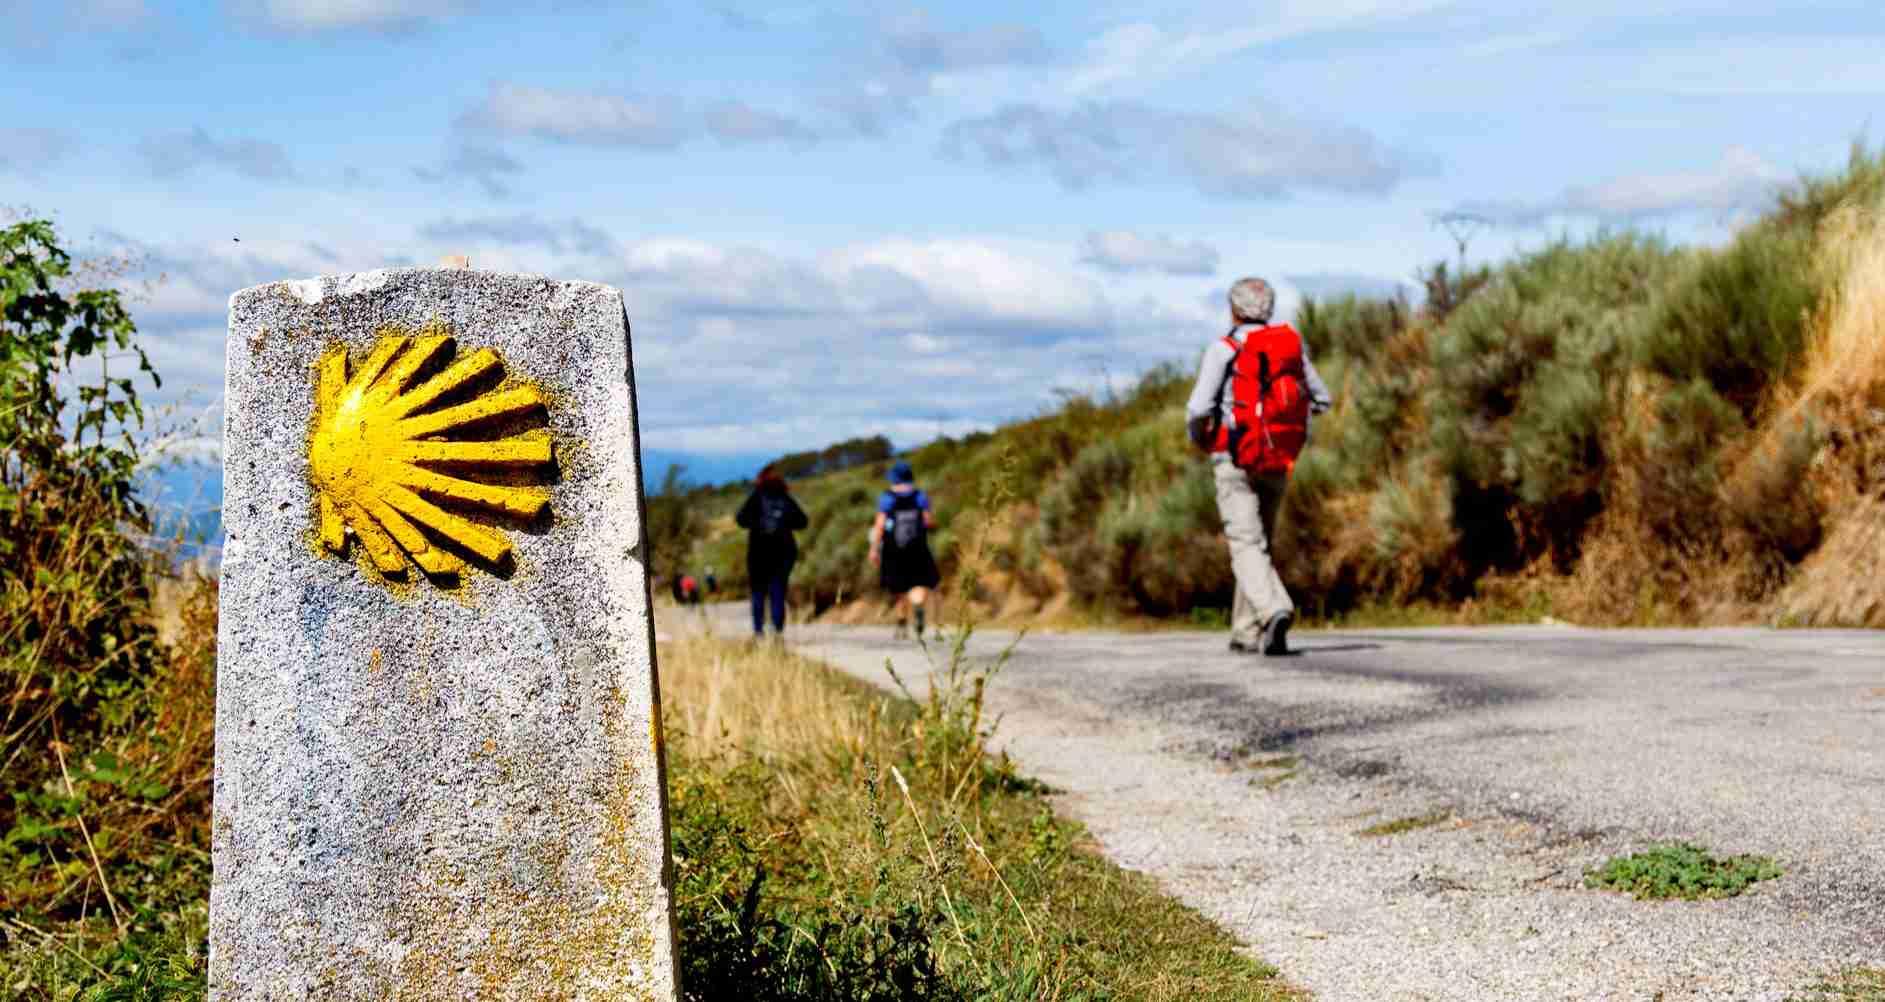 Camino de Santiago Final Stage: Sarria to Santiago, camino frances, french way, sarria to santiago, camino de santiago final stage, walking sarria to santiago